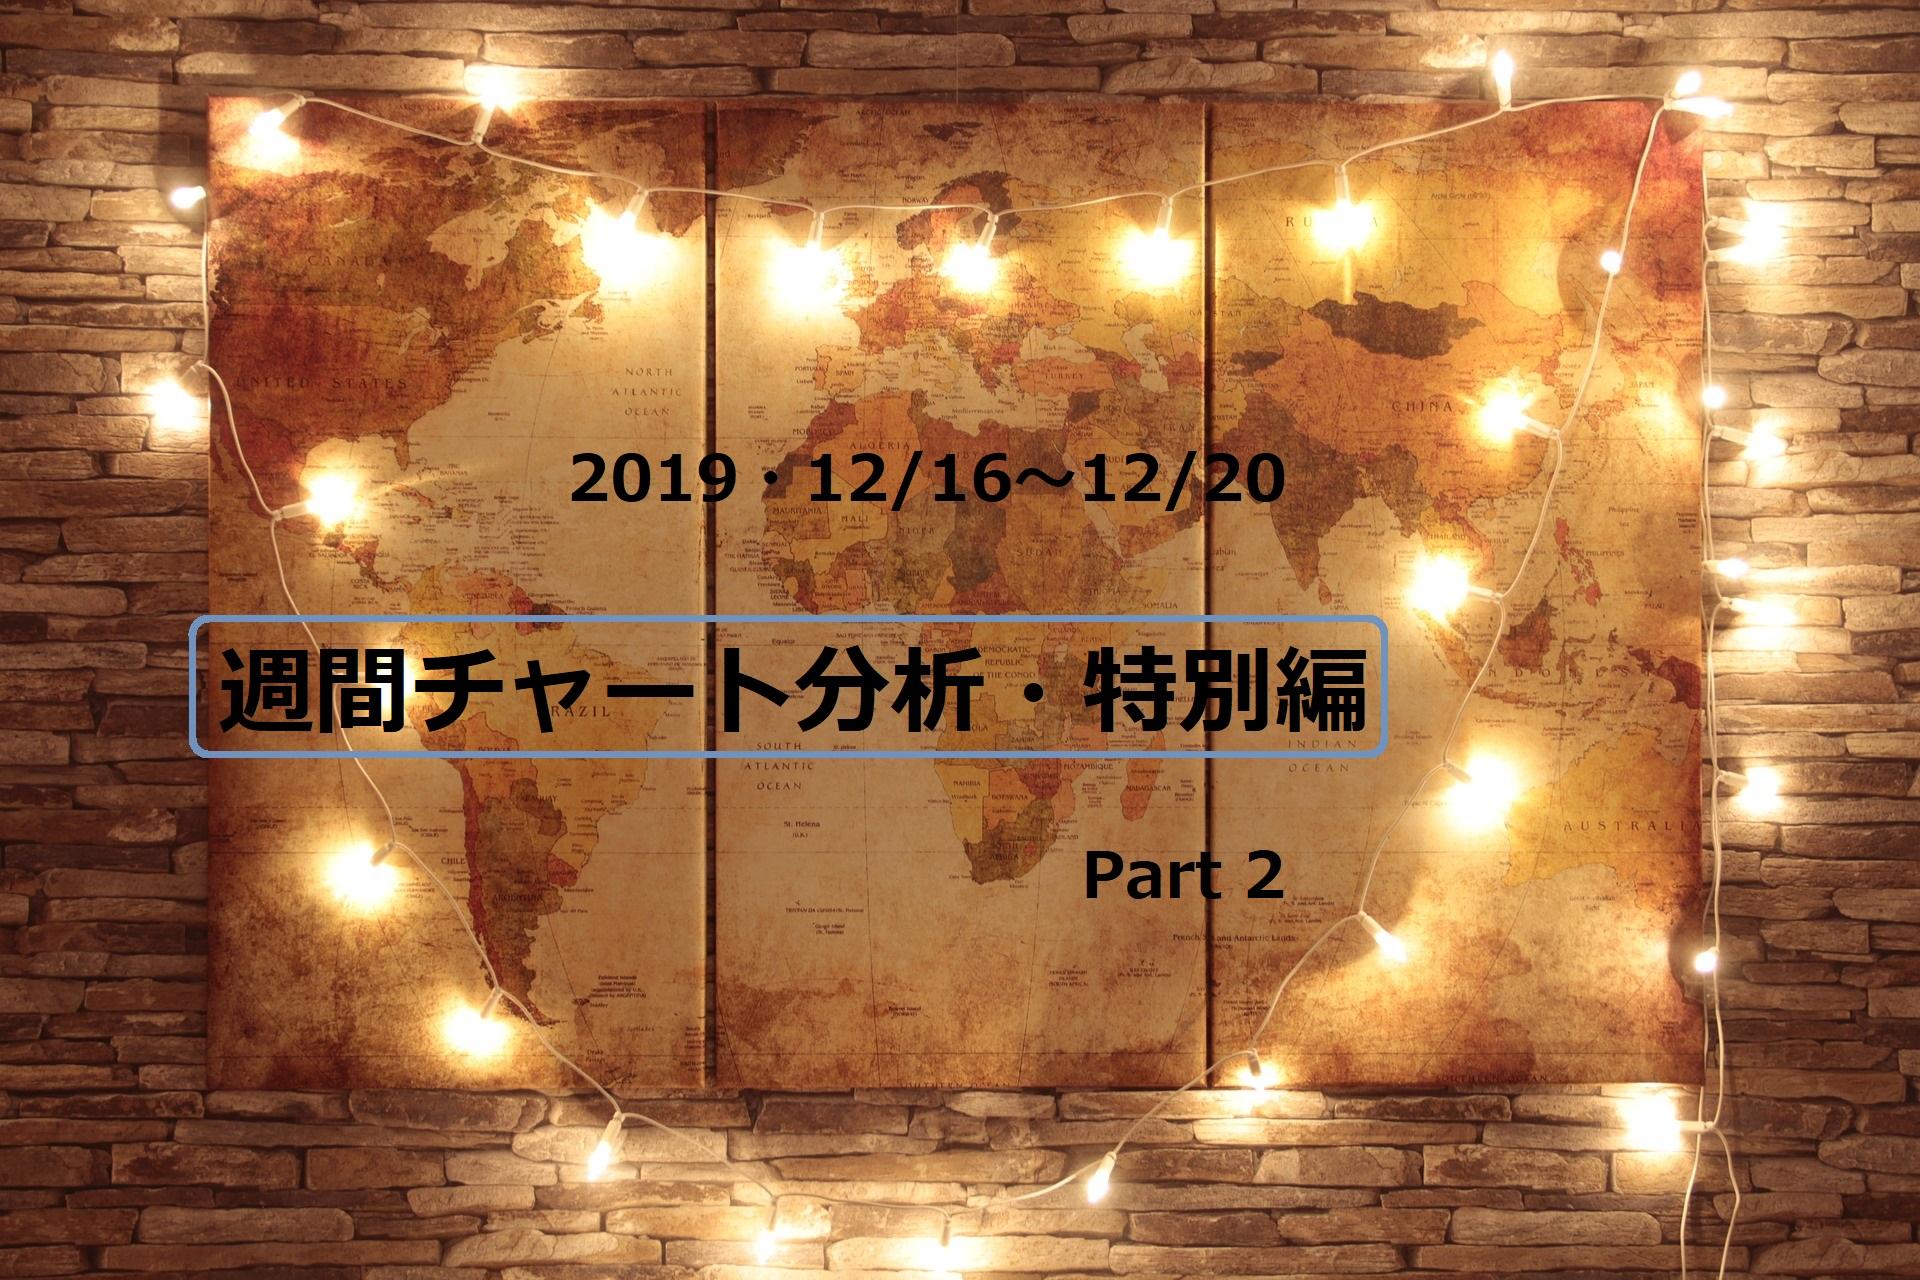 【FX】週間チャート分析・特別編Part2【2019・12/16~12/20】